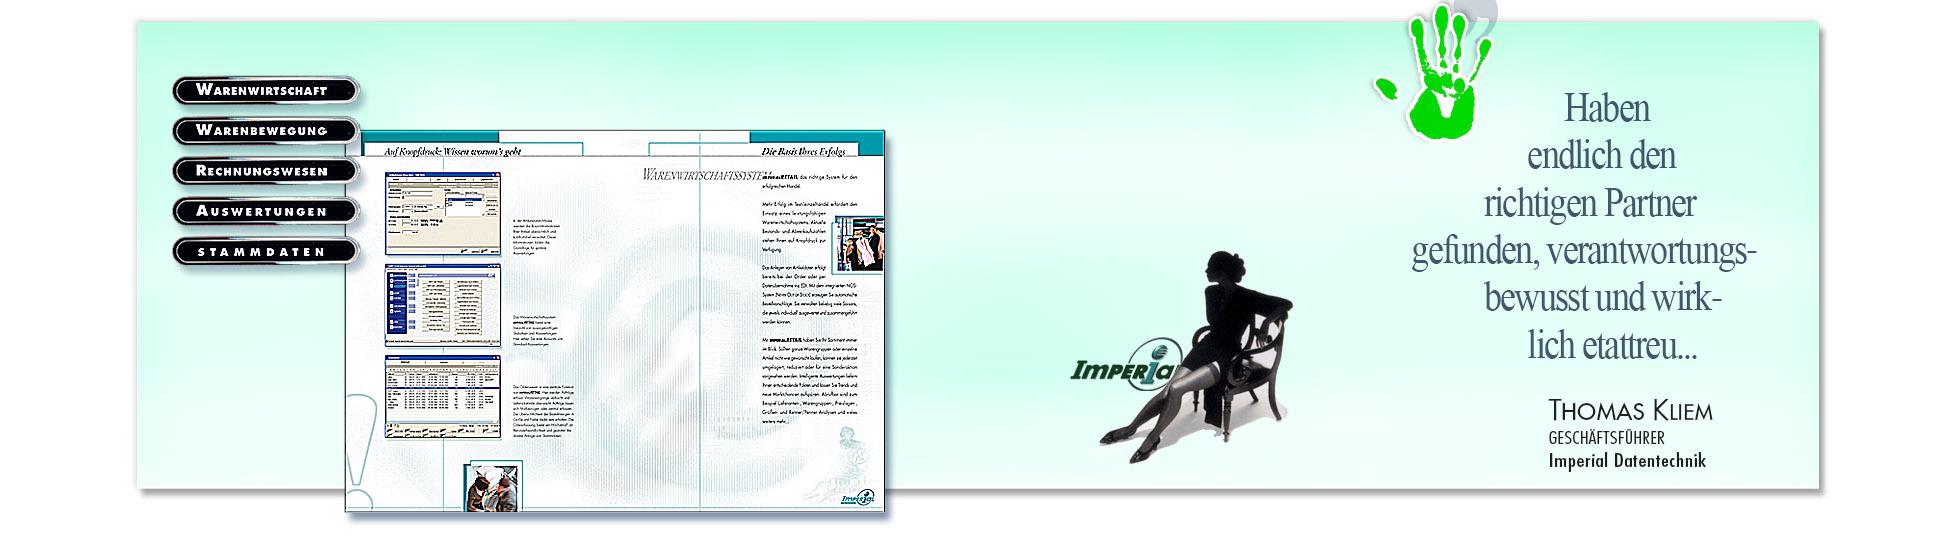 Zufriedener Kunde: IMPERIAL SOFTWARE wegen erfolgreiche Kampagnen derSchoellmann & Sie ist Werbeagentur, Marketingagentur, Gender Marketing, Webdesign, Personal Marketing, Employer Branding